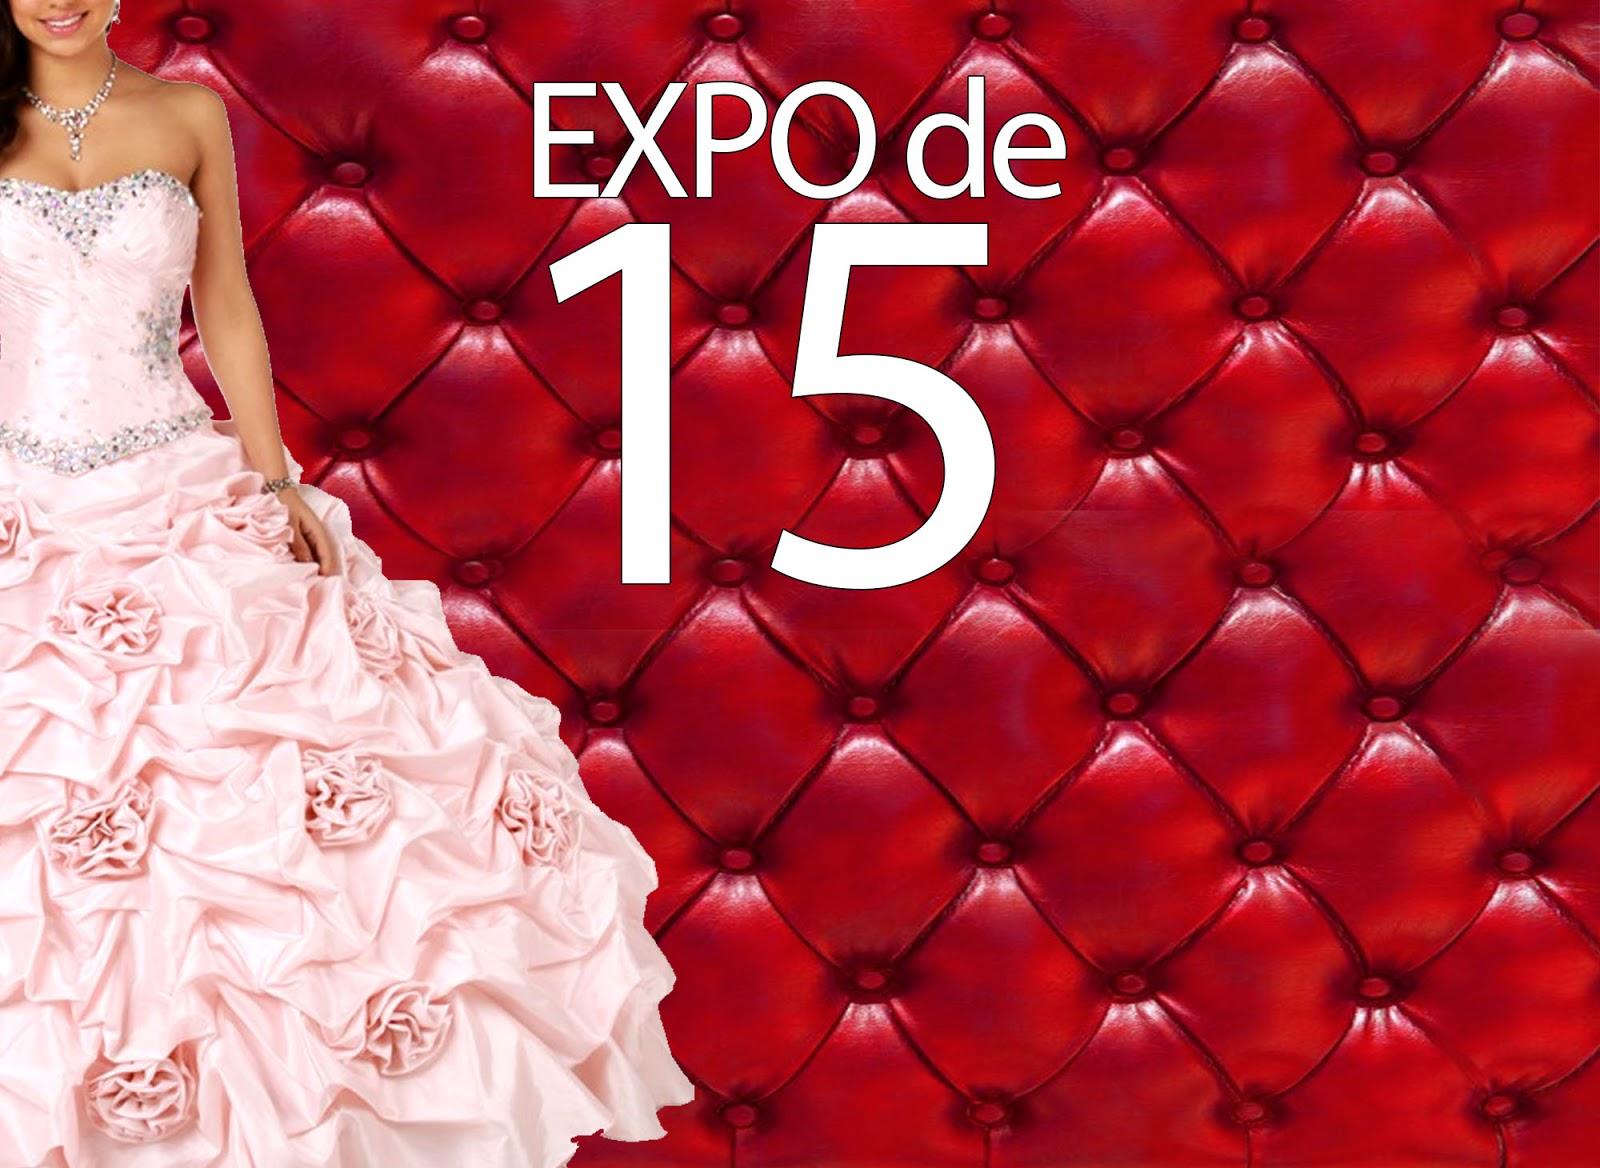 expo mis xv wtc mexiquense